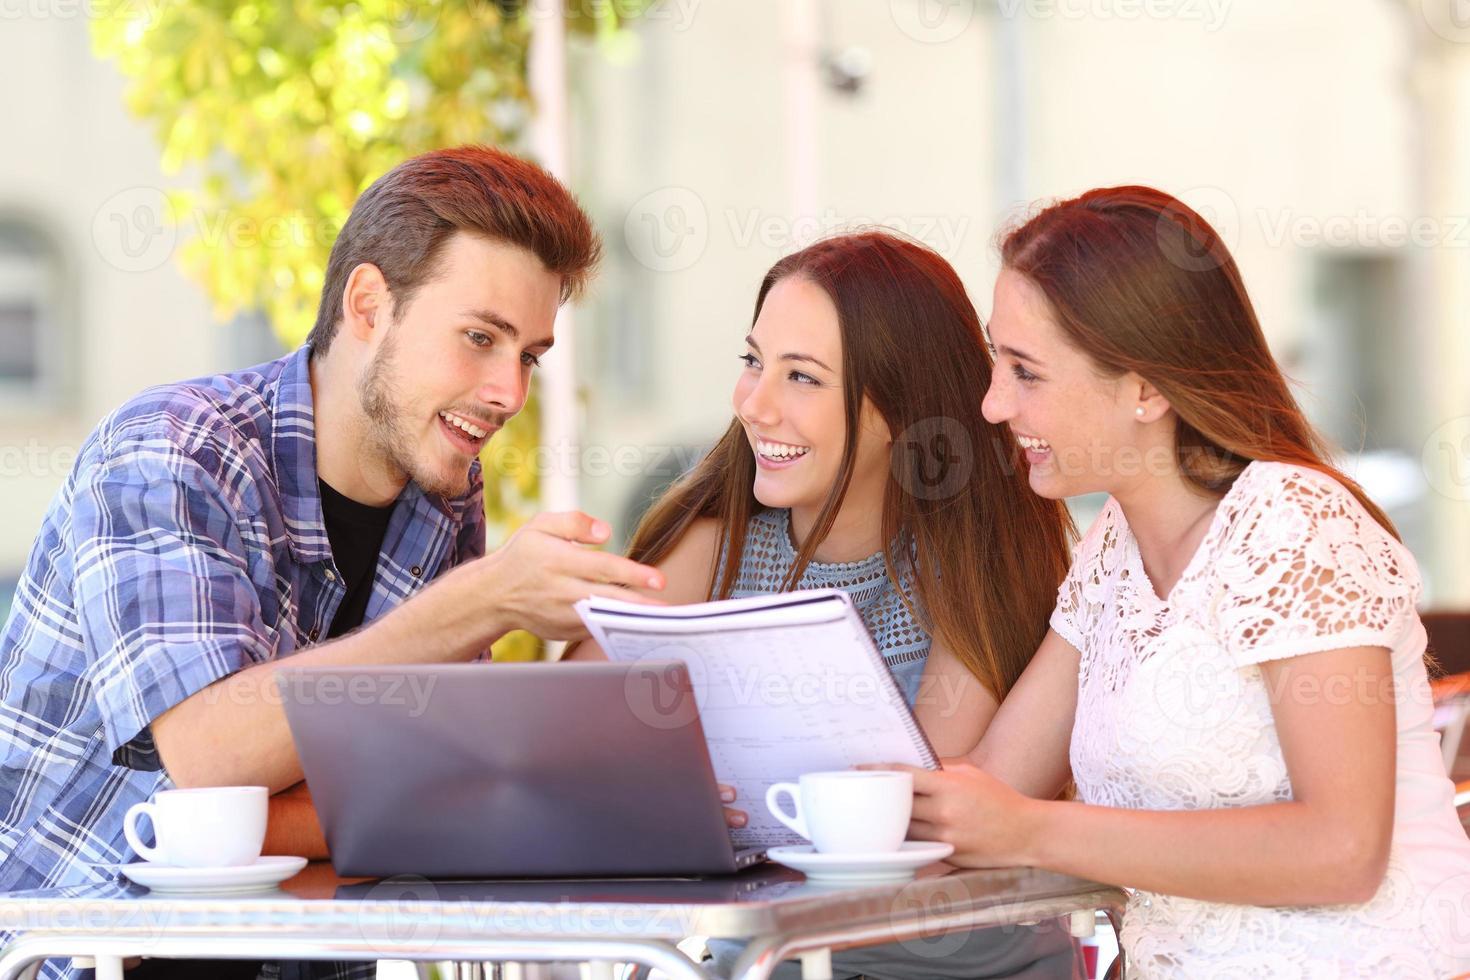 drie studenten studeren en leren in een koffieshop foto